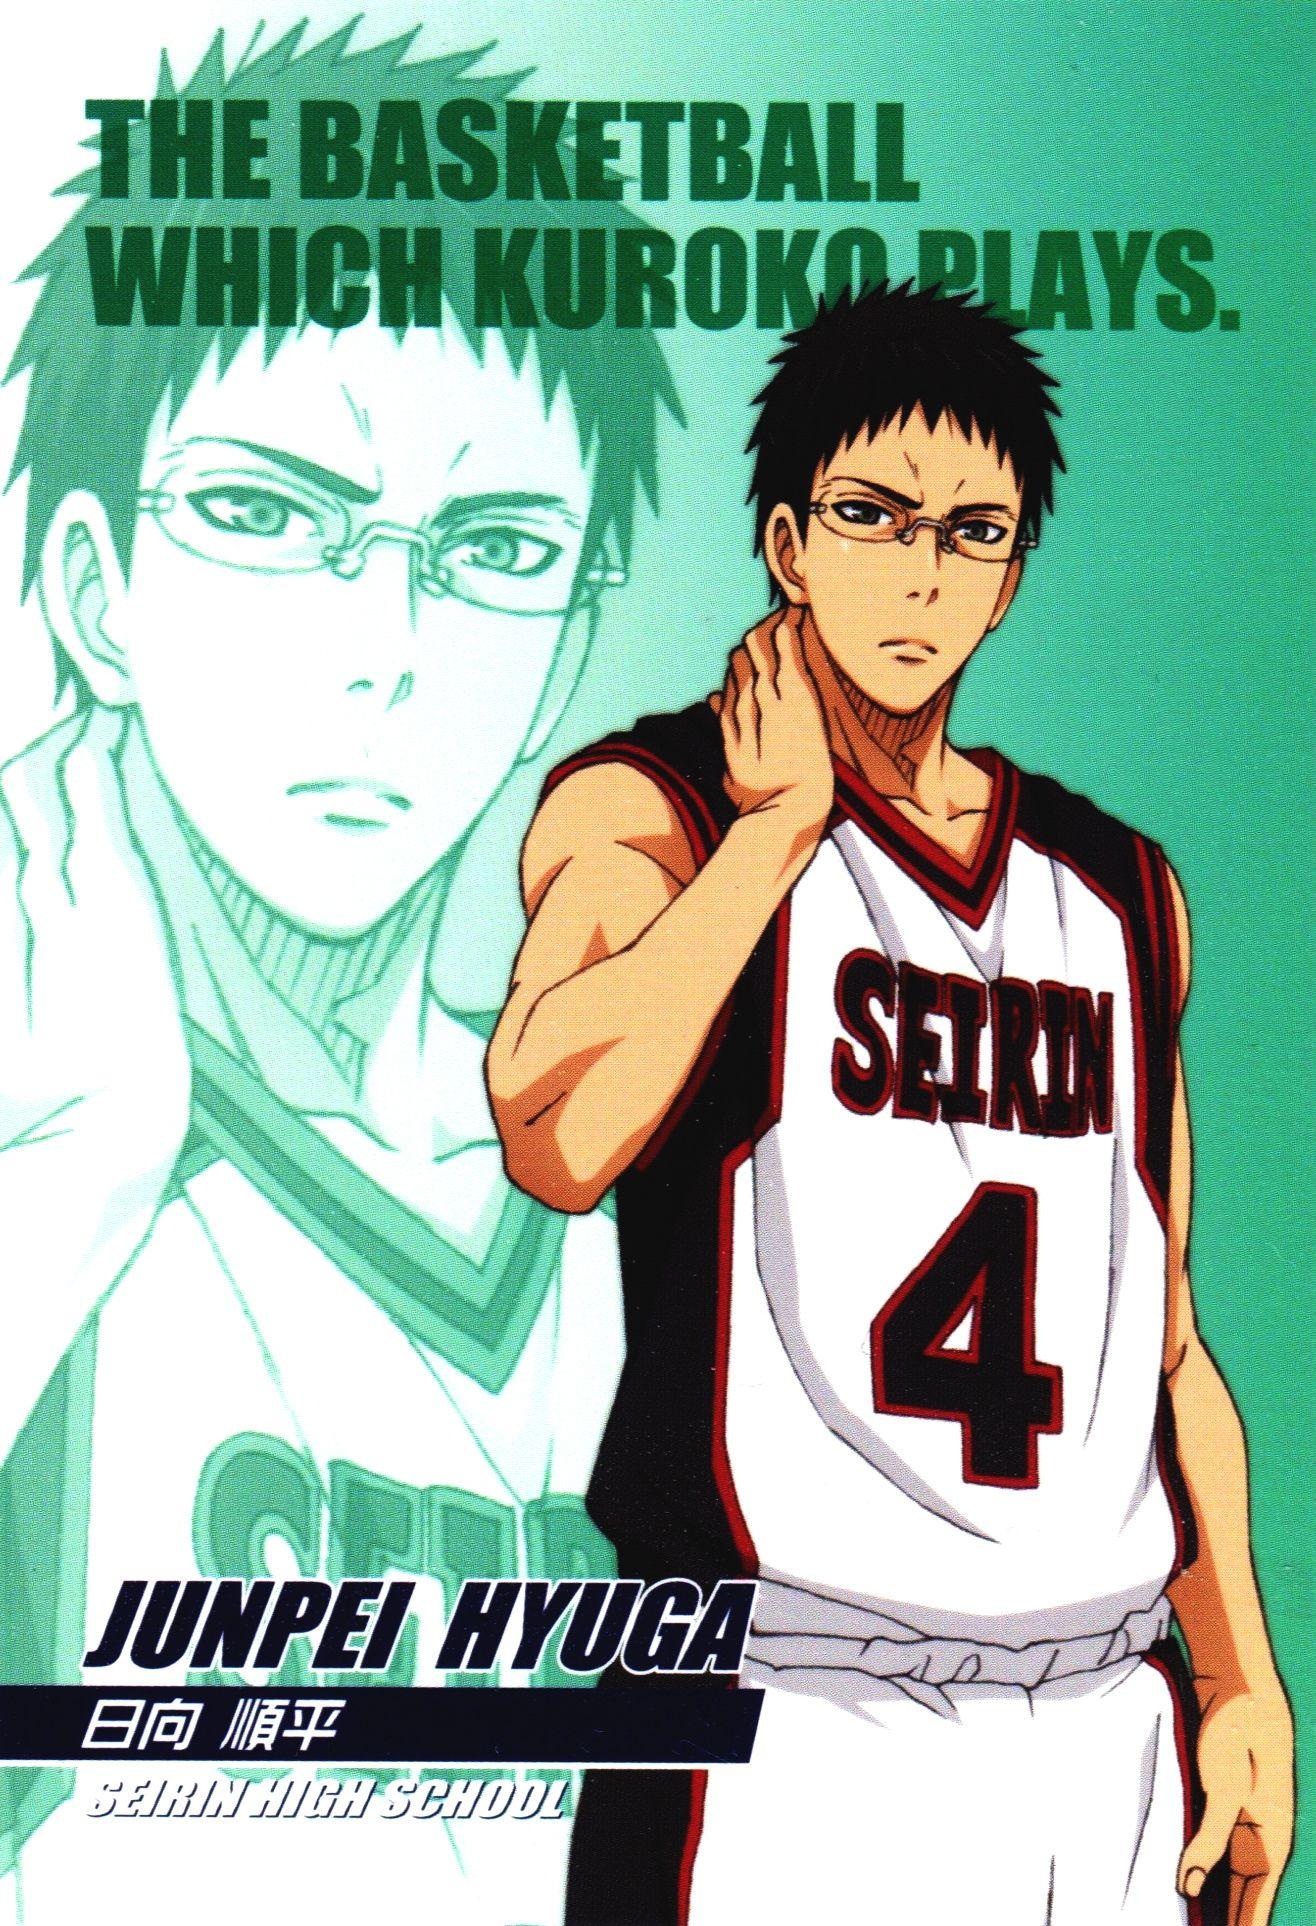 Junpei Hyuga Kuroko No Basuke Anime Manga Kuroko Kuroko No Basket Carteles De Banda